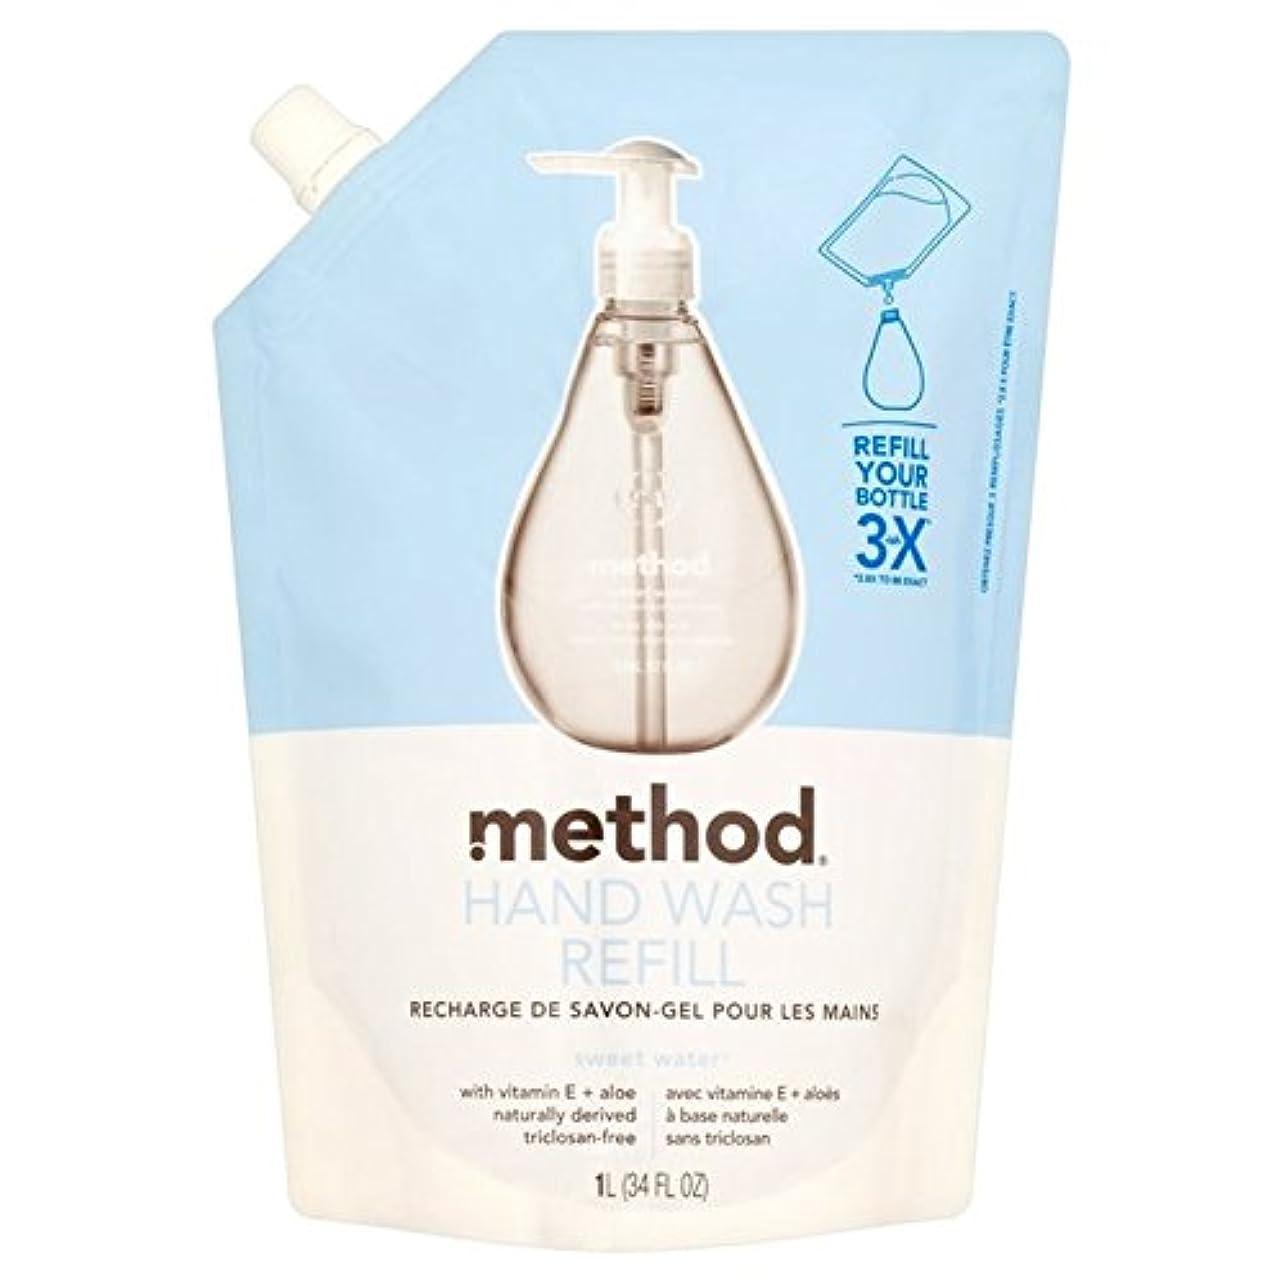 アームストロング給料限りMethod Sweet Water Refil Handwash 1L - メソッドの甘い水のリファイルの手洗いの1リットル [並行輸入品]